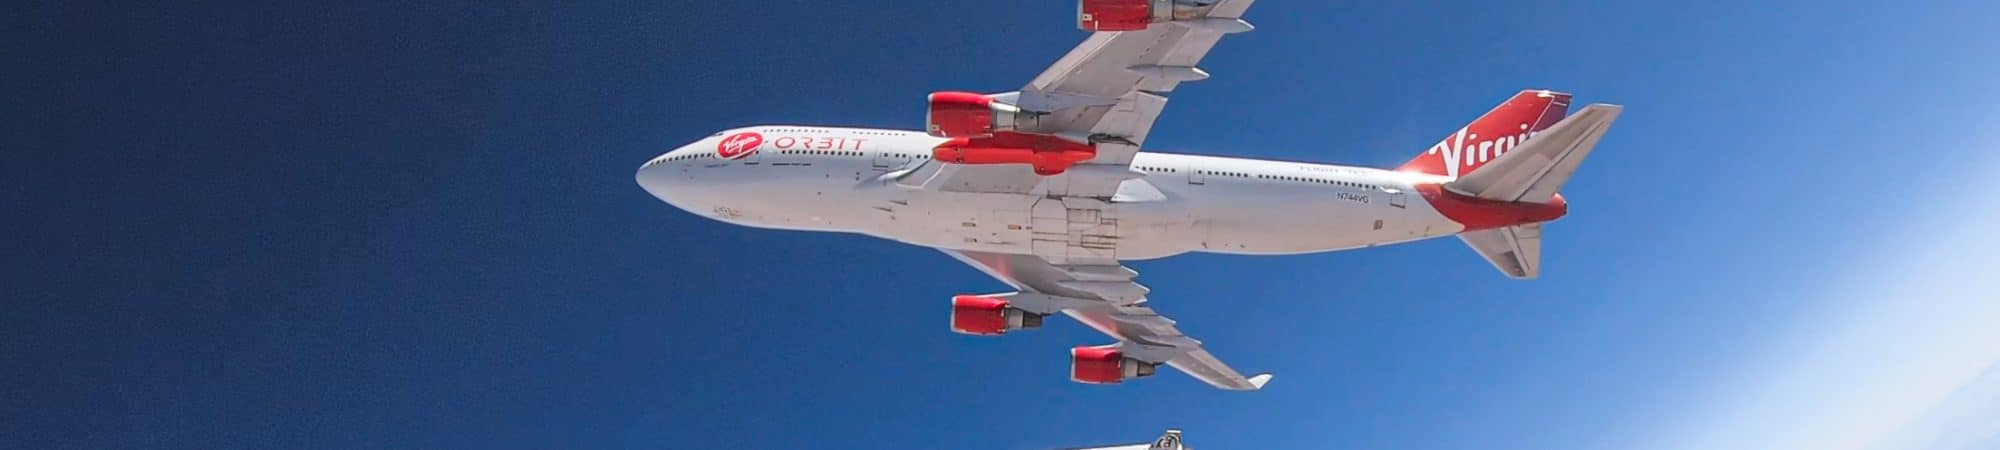 Virgin-Orbit-88-2000x450